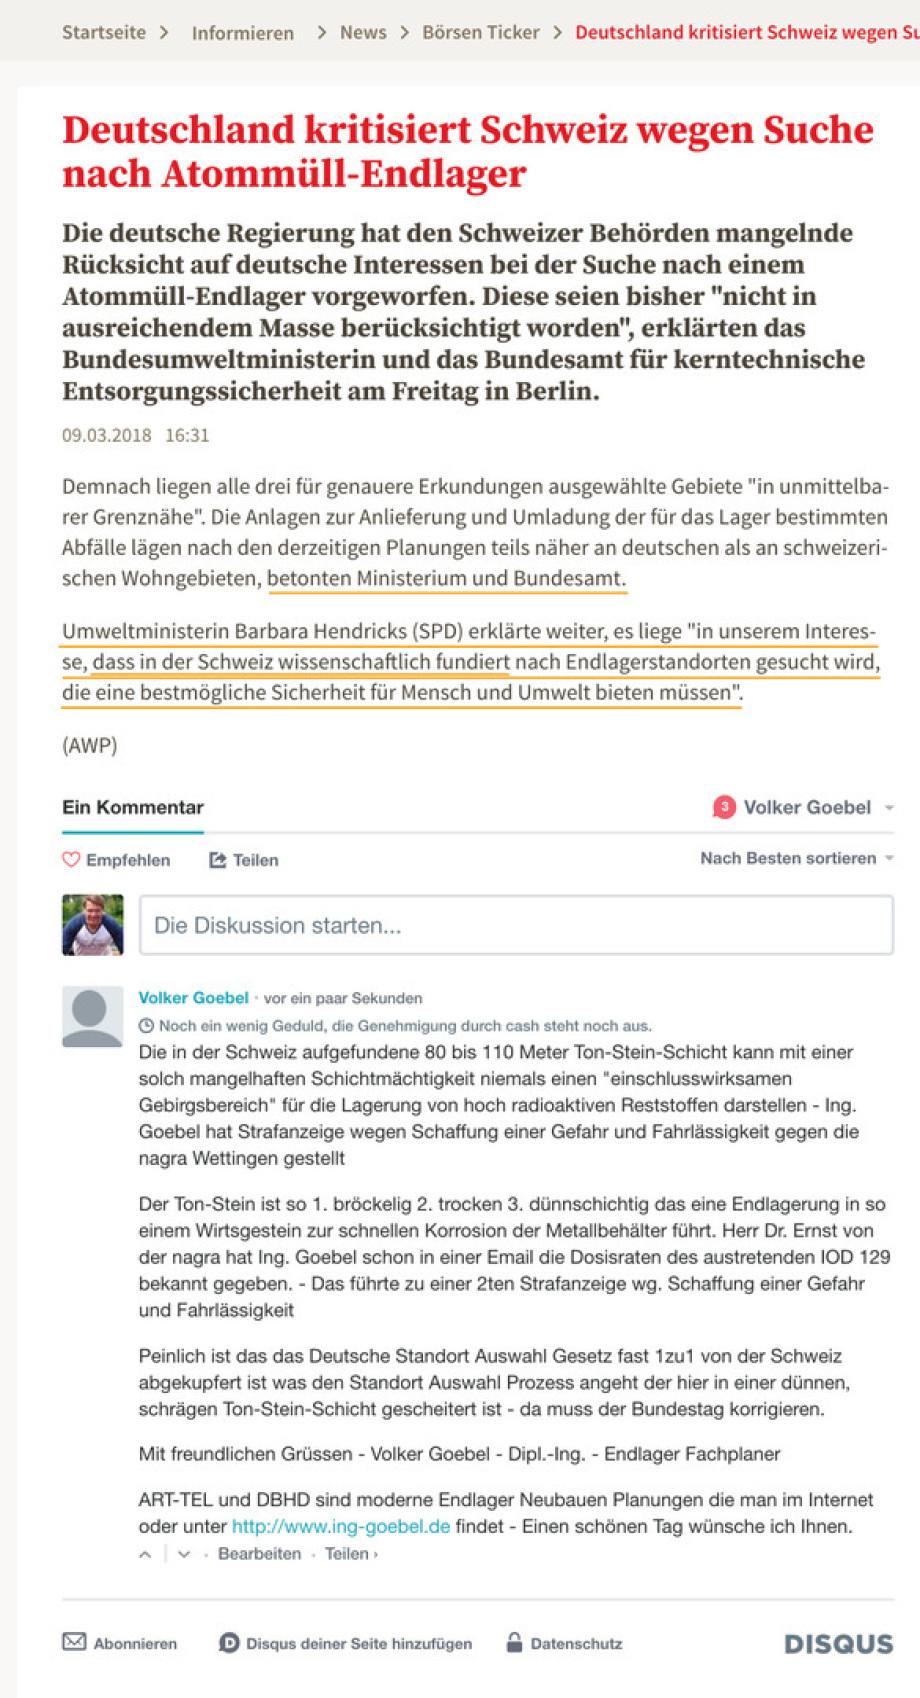 Bundesumweltministerin Dr. Hendricks und das Bundesamt für kerntechnische Entsorgung kritisieren die Schweiz für ein wissenschaftlich nicht fundiertes Vorgehen in Sachen Endlager / Sachplan stoppen / nagra abwickeln